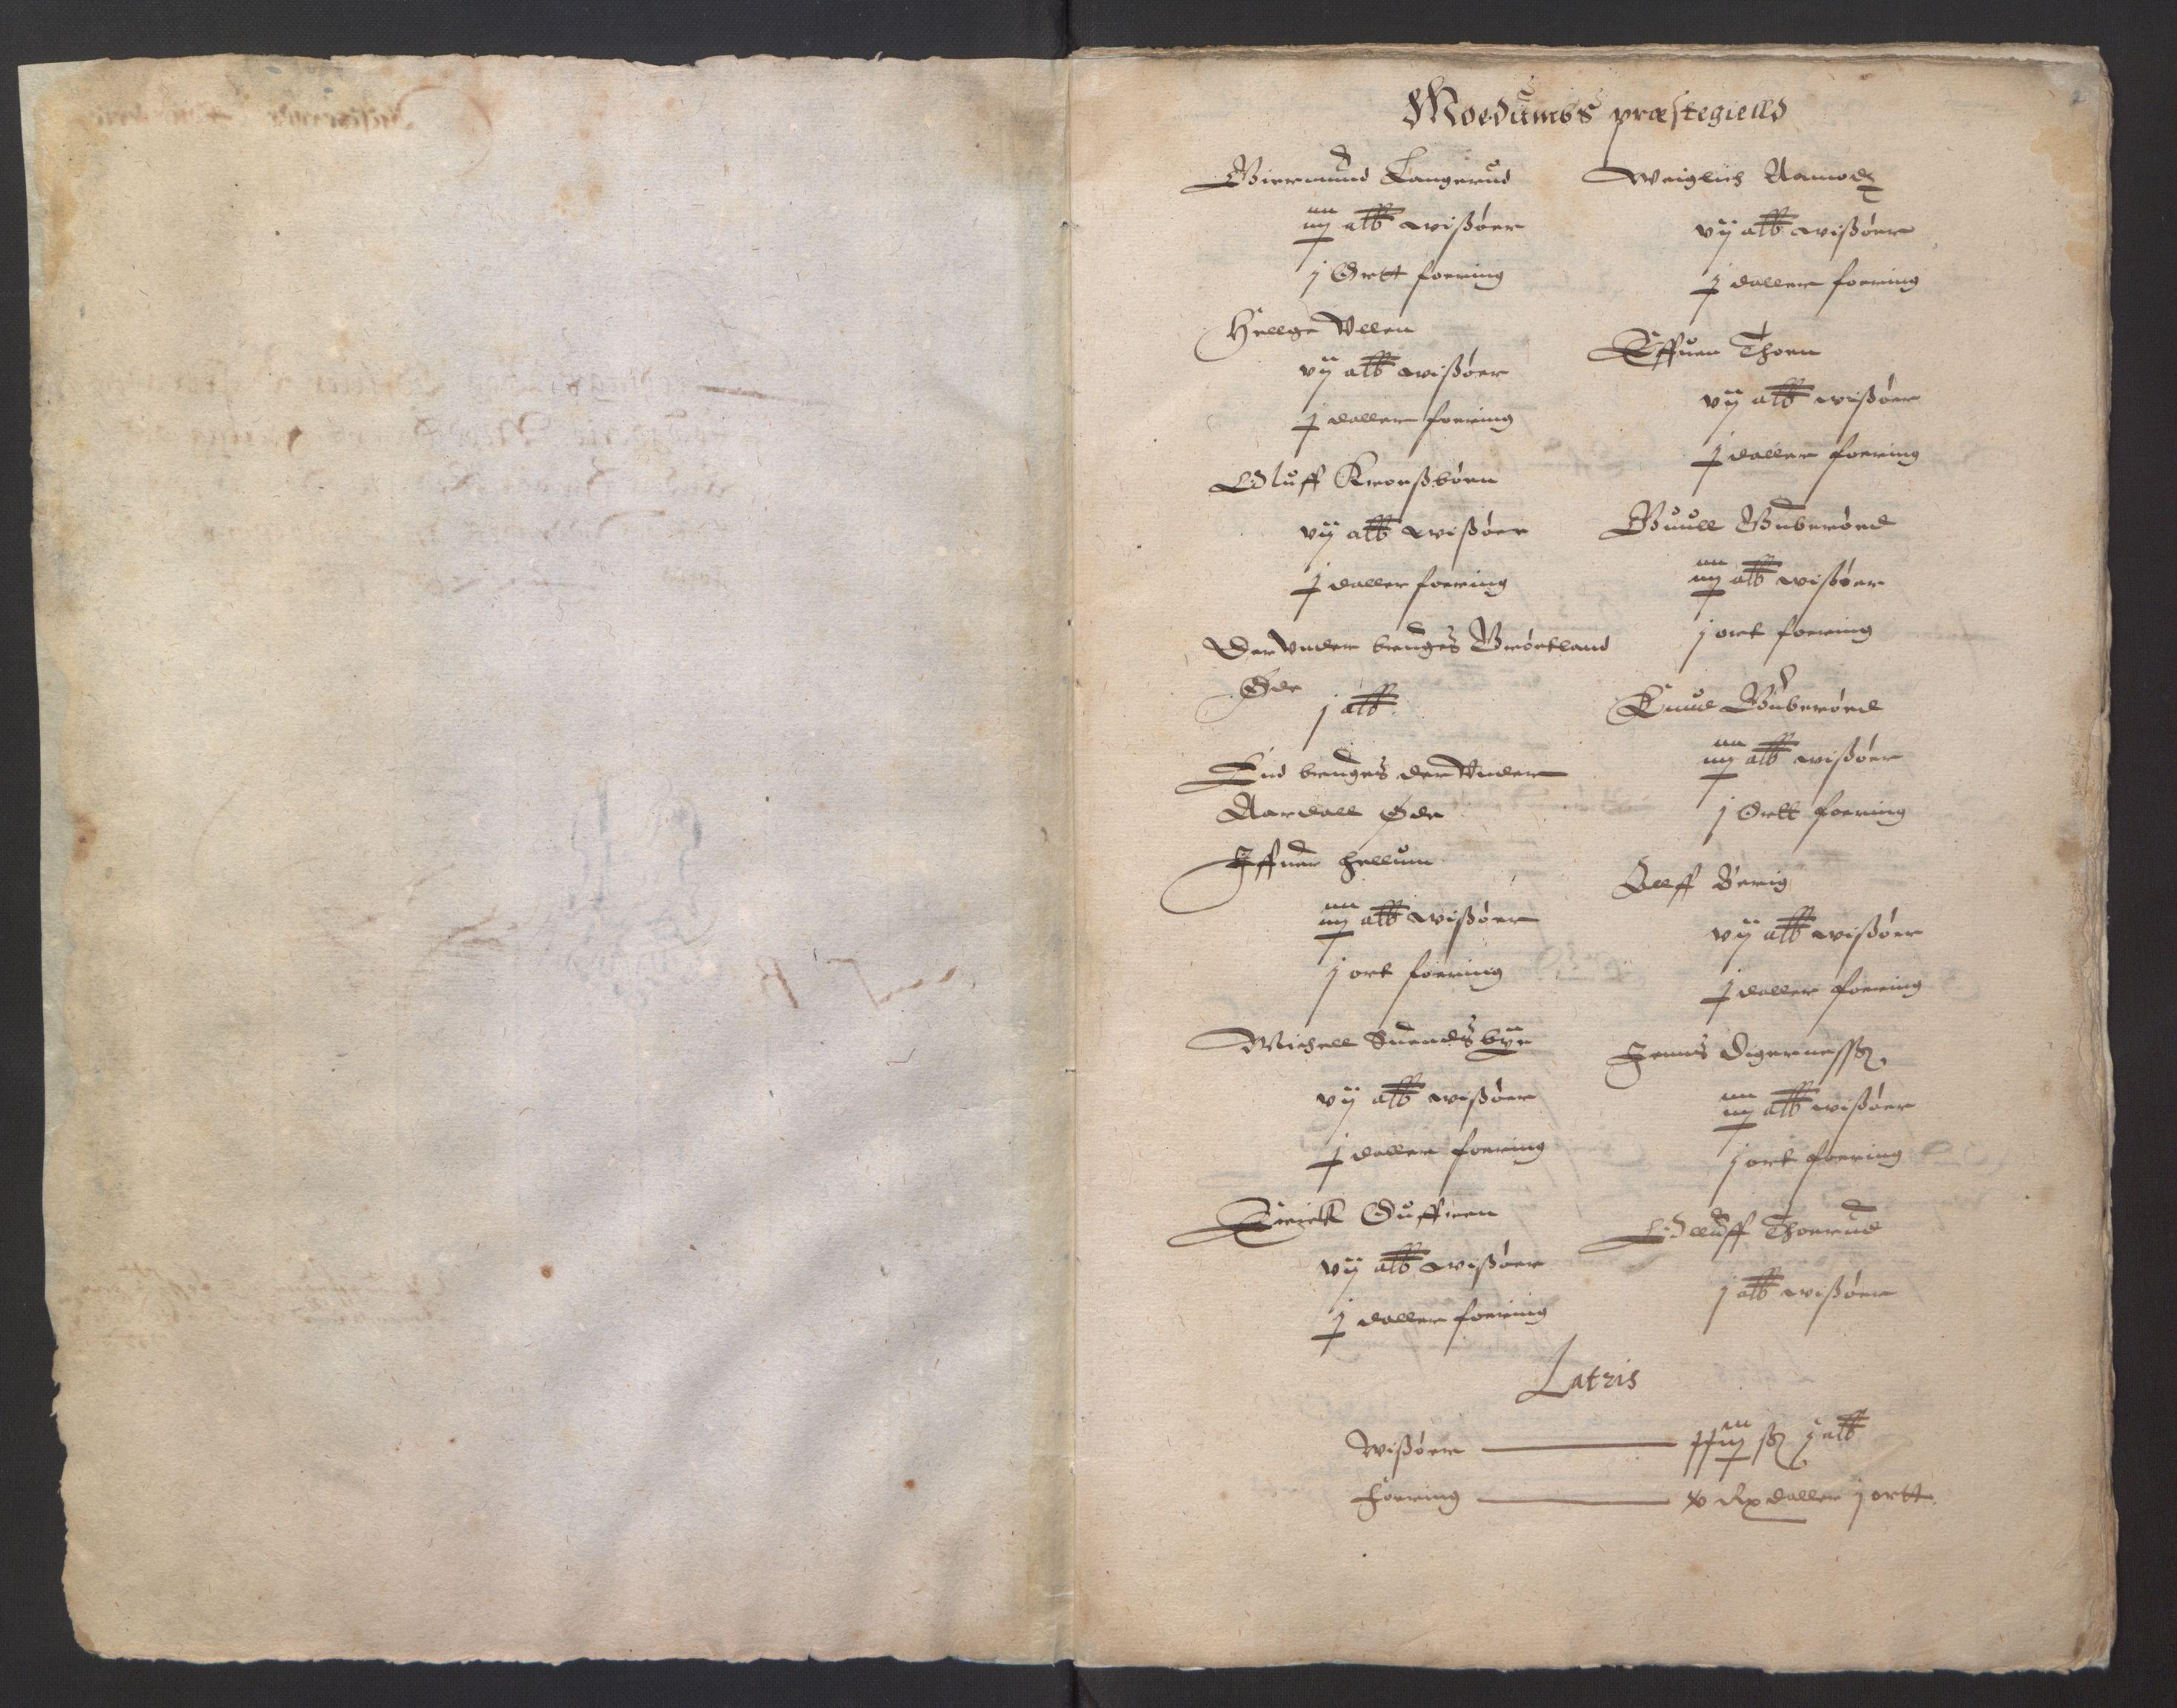 RA, Stattholderembetet 1572-1771, Ek/L0001: Jordebøker før 1624 og til utligning av garnisonsskatt 1624-1626:, 1624-1625, s. 222